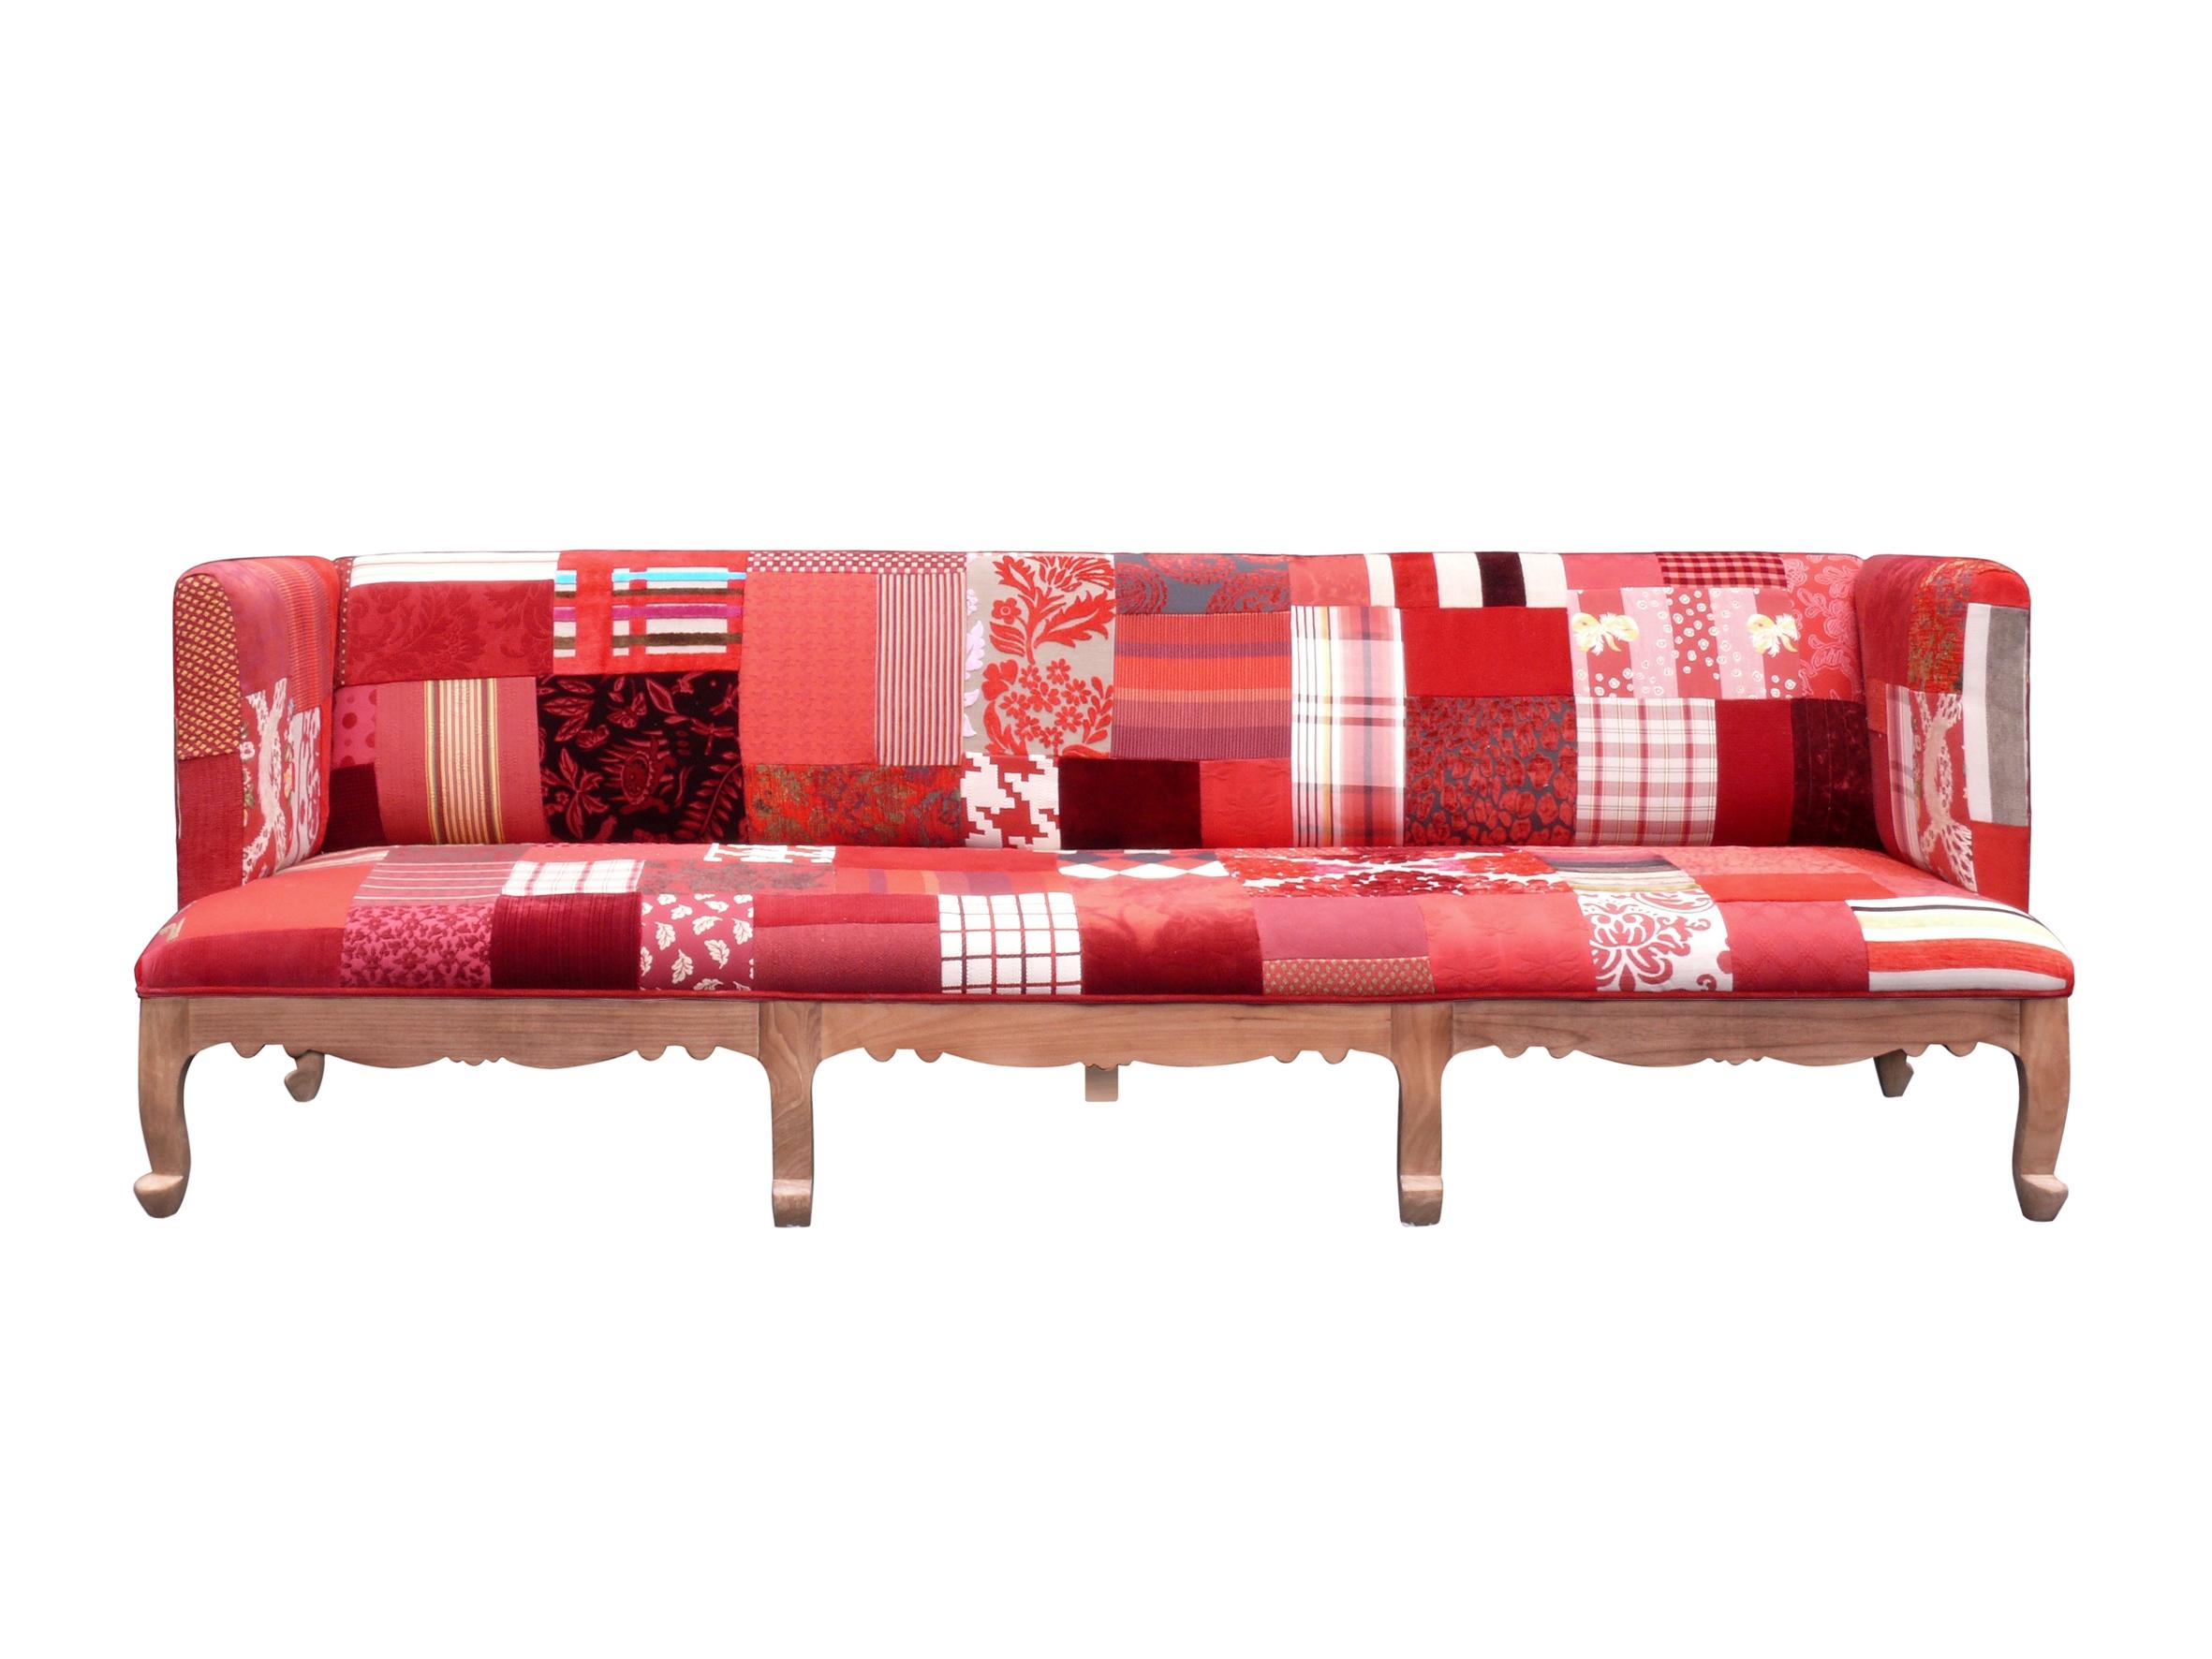 sofaanastrumpf.jpg